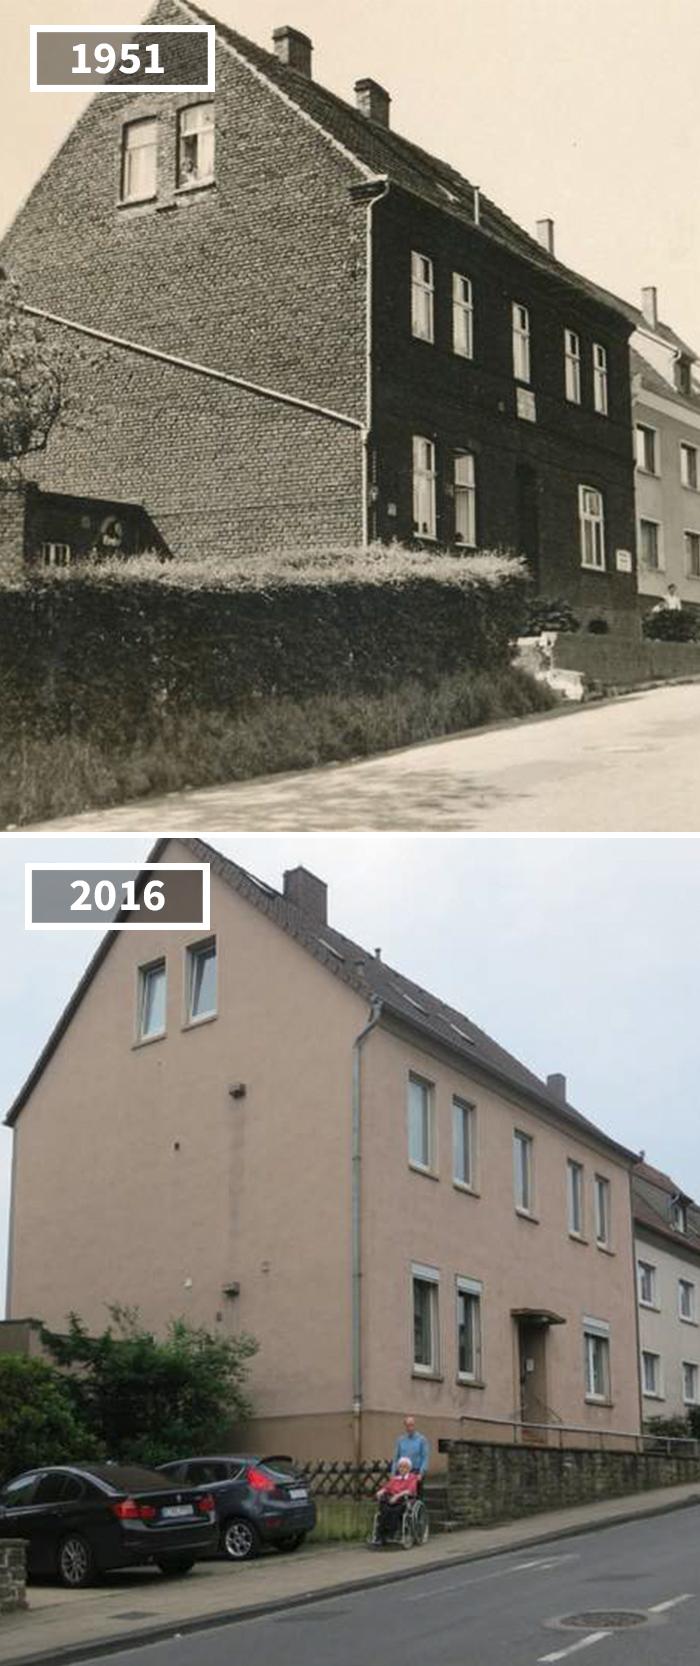 5a0eab643b79a then and now pictures changing world rephotos 61 5a0d787a123d5  700 - A transformação das cidades ao longo do tempo